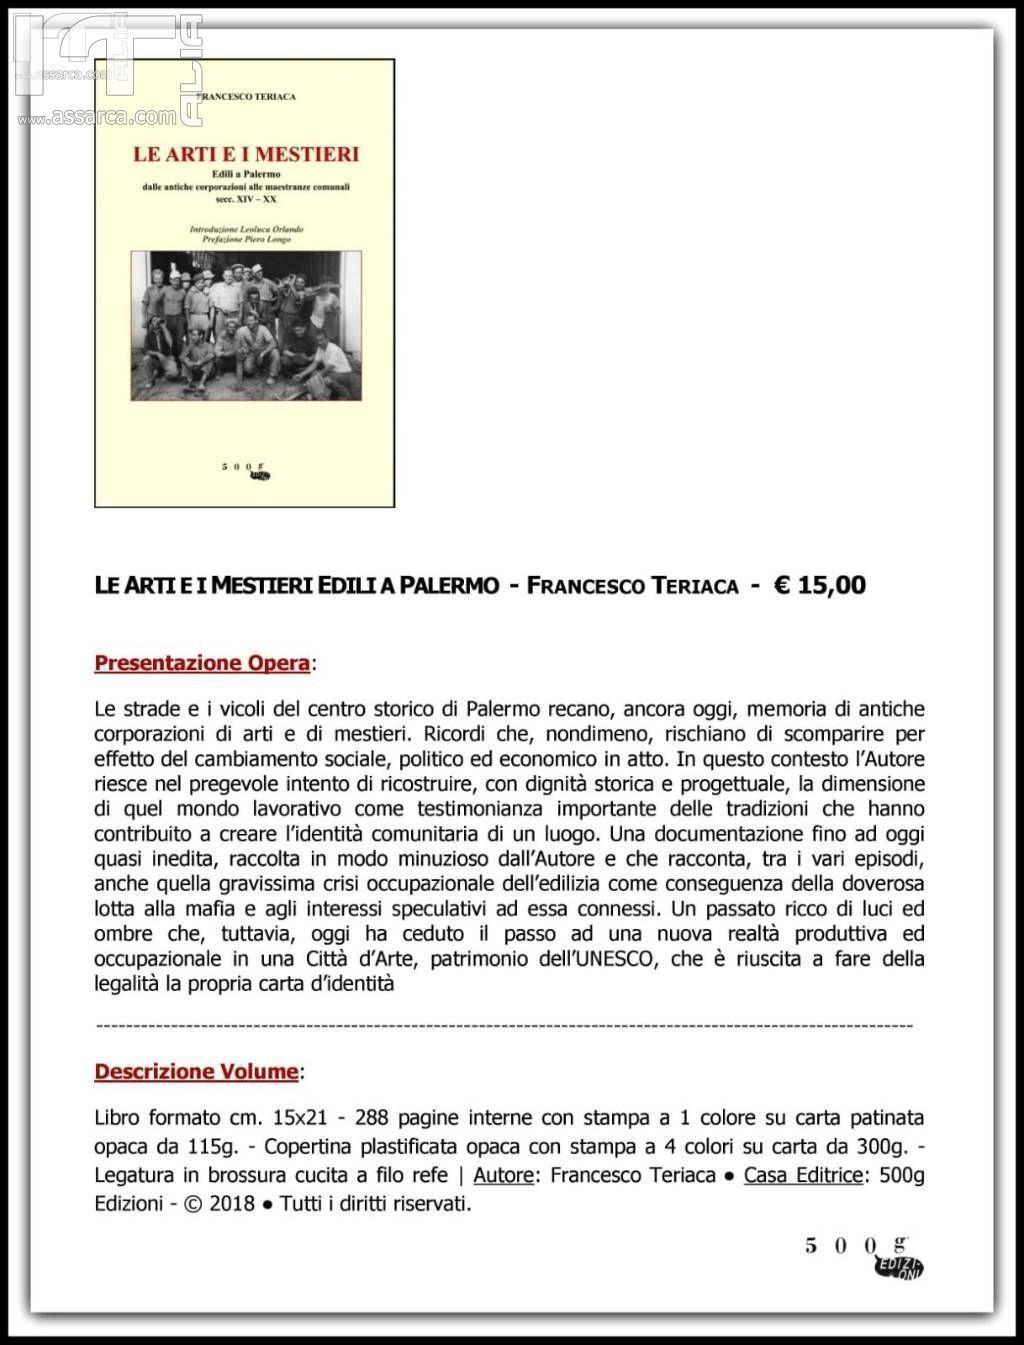 Le arti e i mestieri - Edili a Palermo - Dalle antiche corporazioni alle maestranze comunali - Secc. XIV -XX